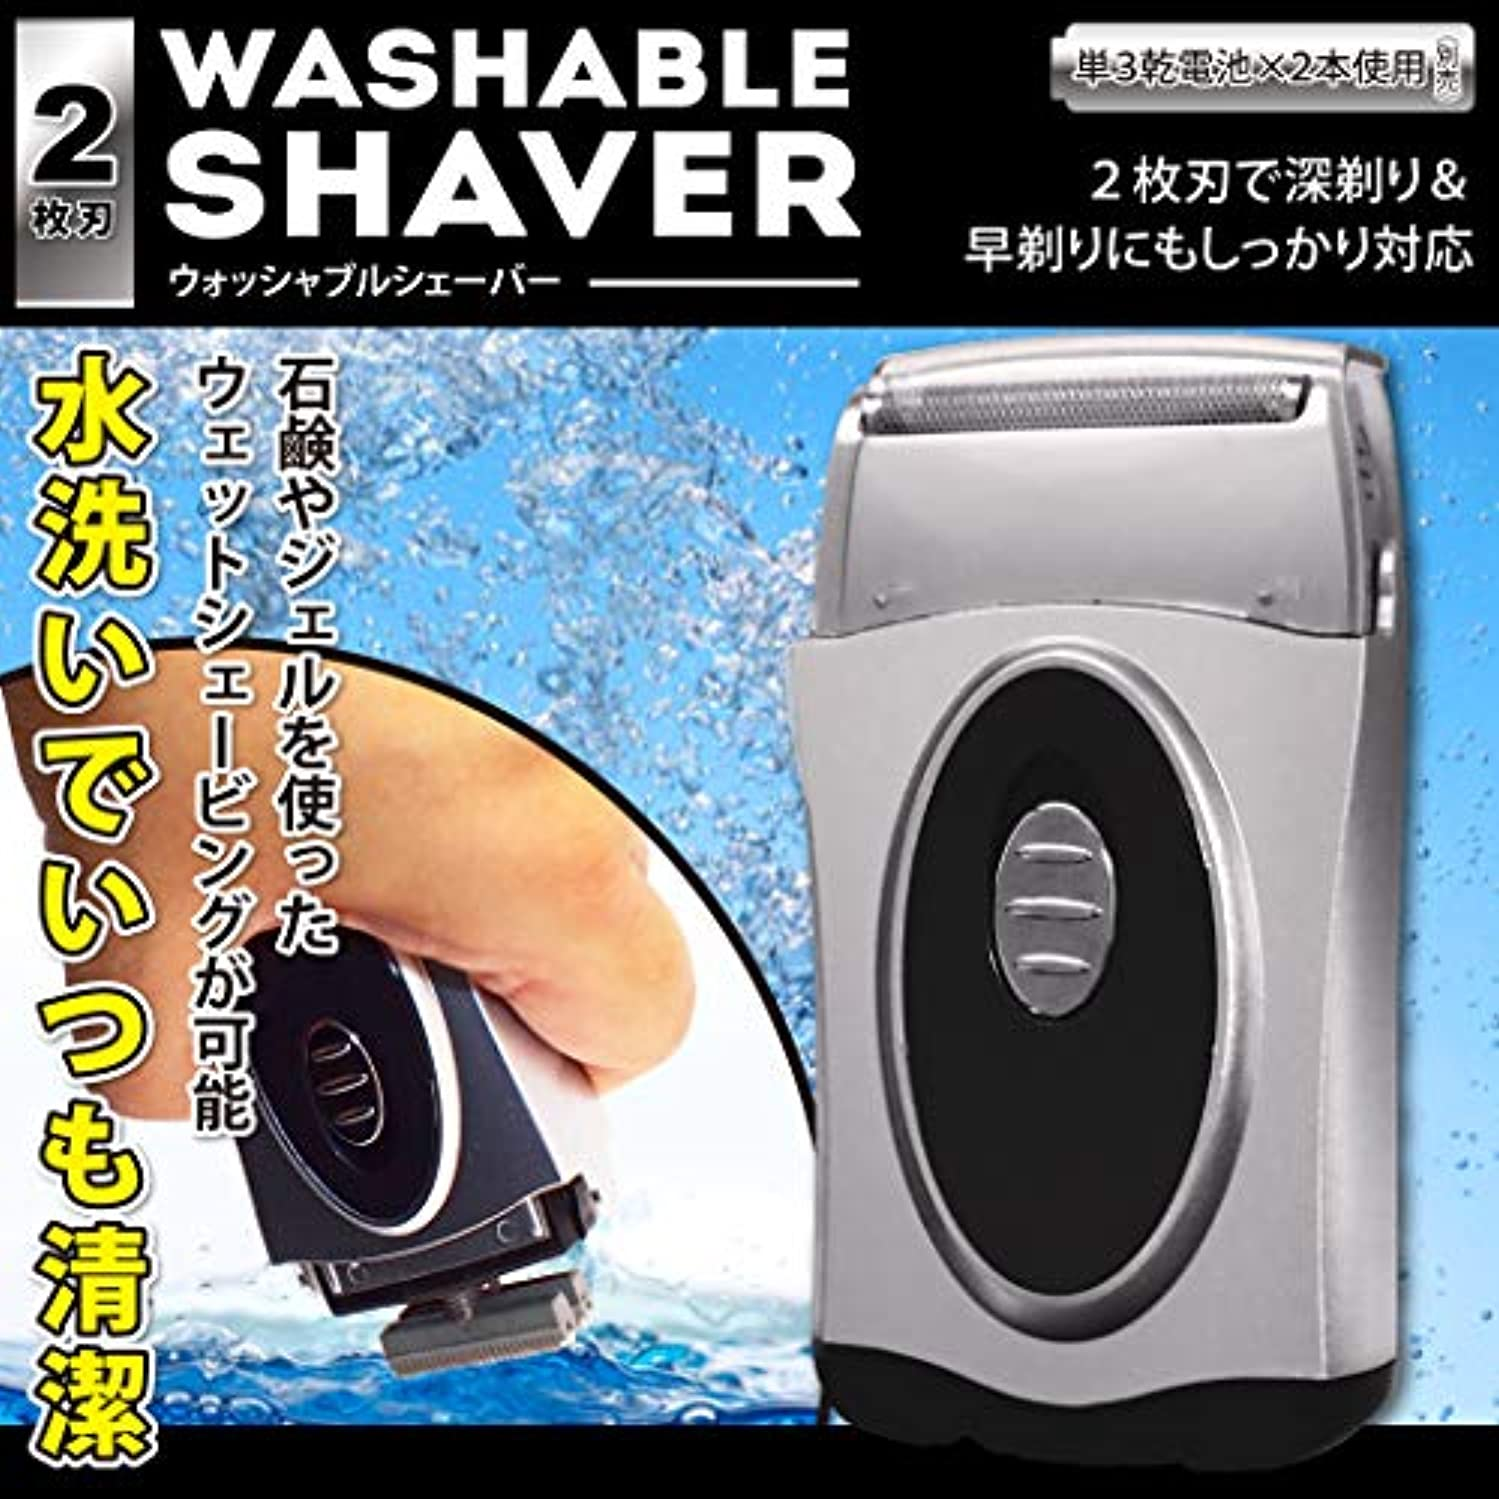 仮装ジョセフバンクス有効なウォッシャブルシェーバー 2枚刃 水洗い